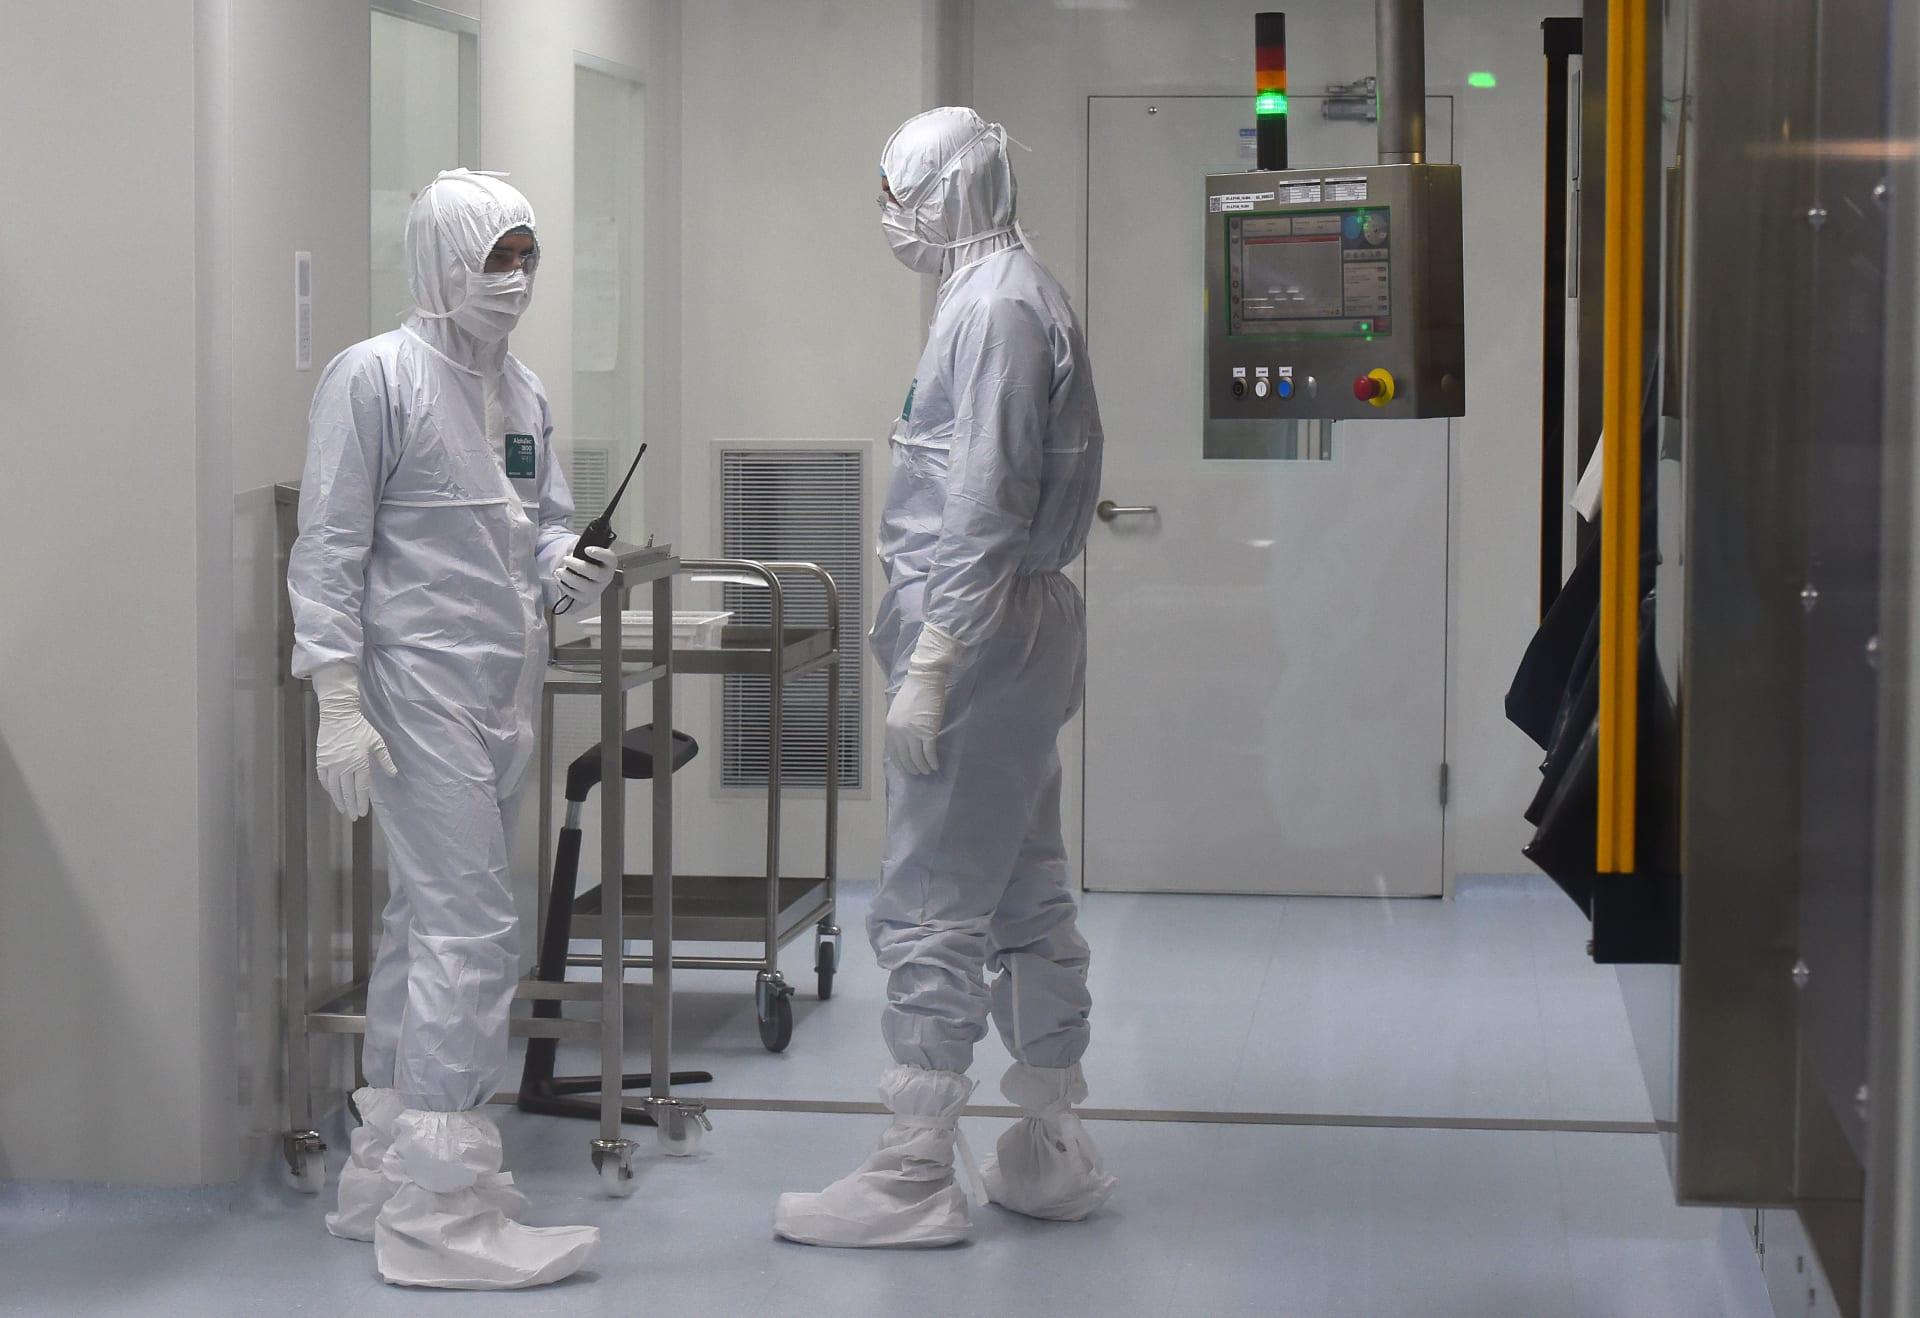 روسيا تكشف اسم لقاح فيروس كورونا.. وتؤكد: اتفقنا مع الإمارات والسعودية لإجراء تجارب